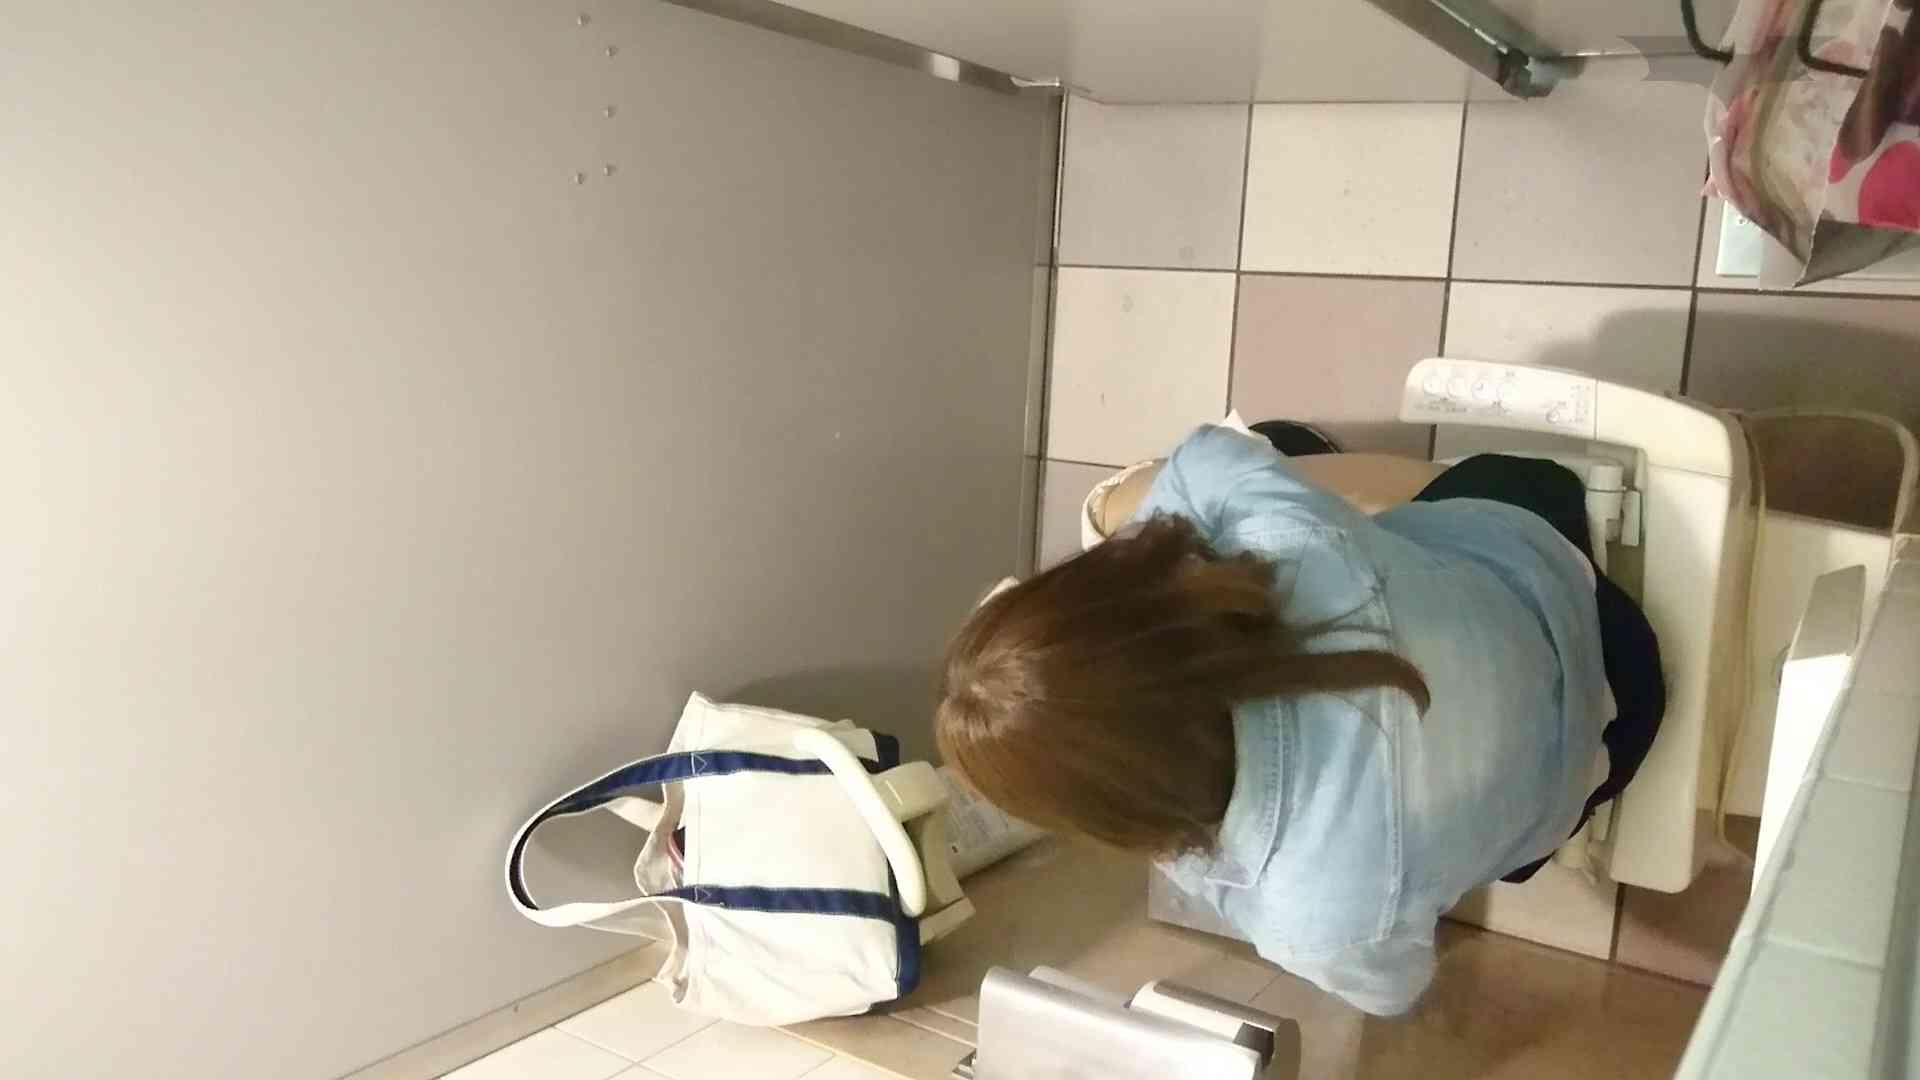 化粧室絵巻 ショッピングモール編 VOL.16 0 | HなOL  94pic 71